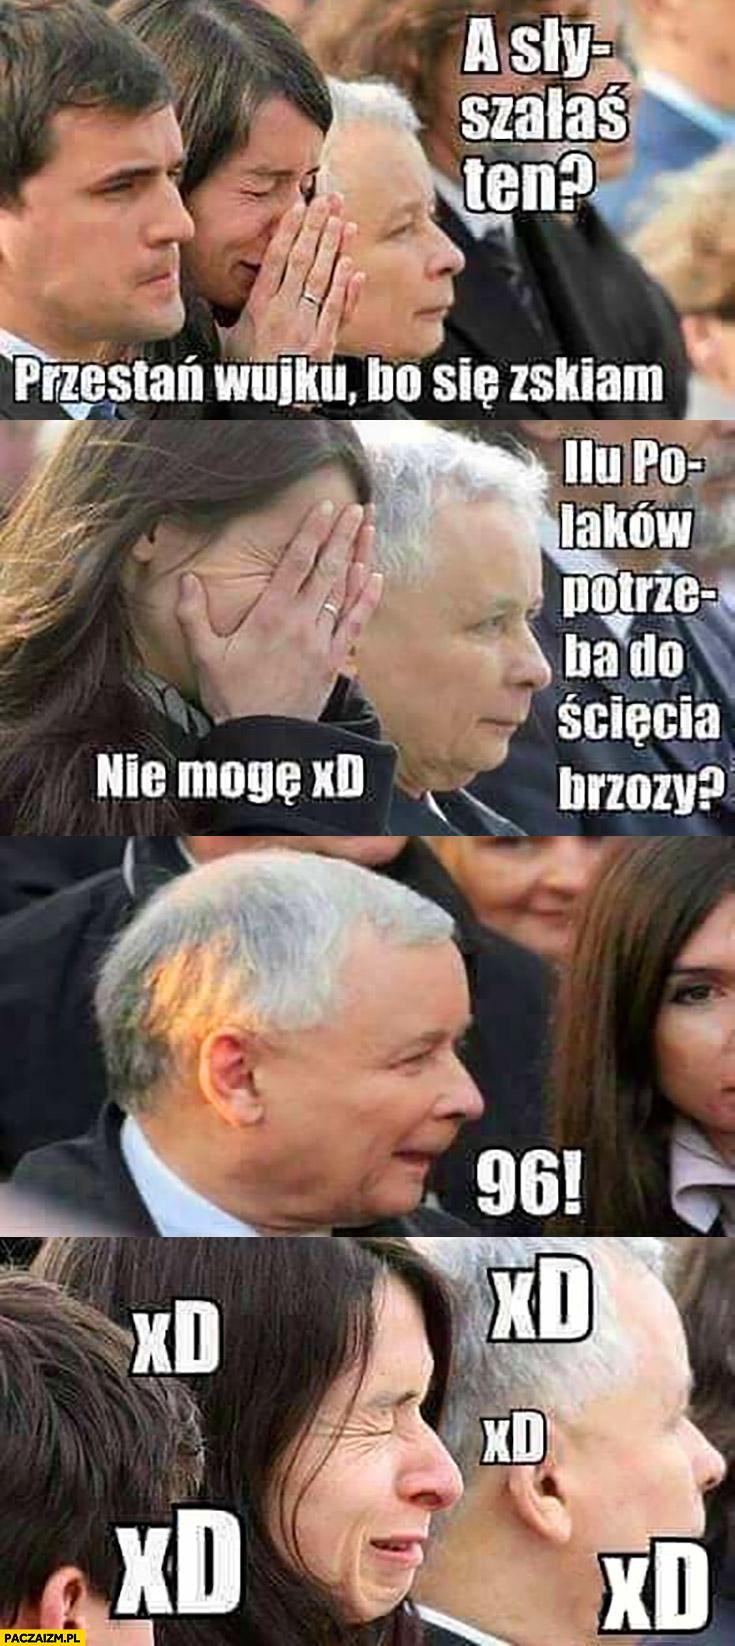 Kaczyński a słyszałaś ten, przestań wujku bo się zsikam, ilu Polaków potrzeba do ścięcia brzozy? 96 Marta Kaczyńska